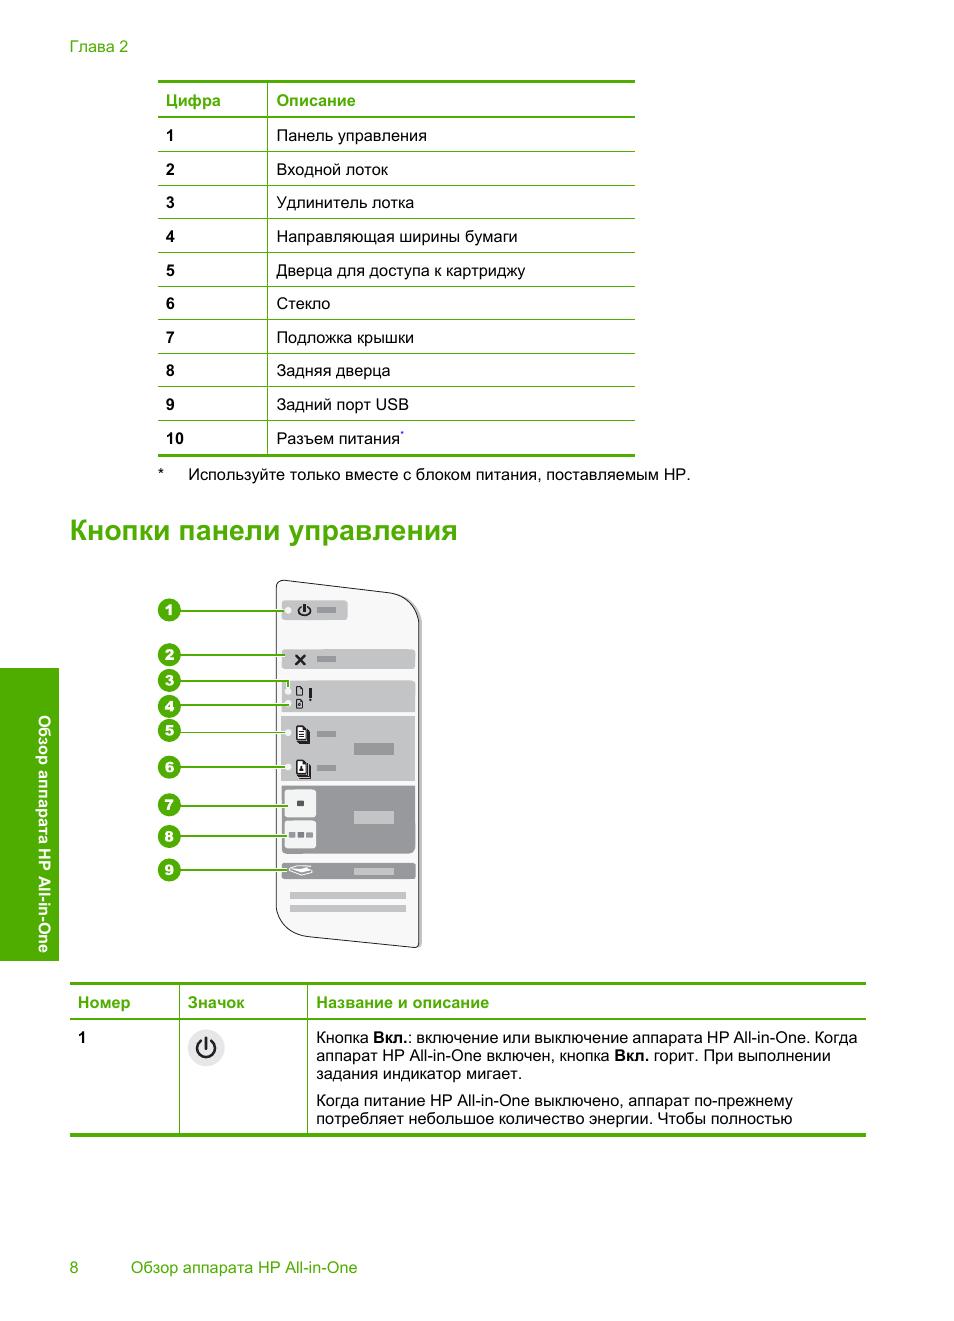 Кнопки панели управления | Инструкция по эксплуатации HP Deskjet F2180  All-in-One Printer